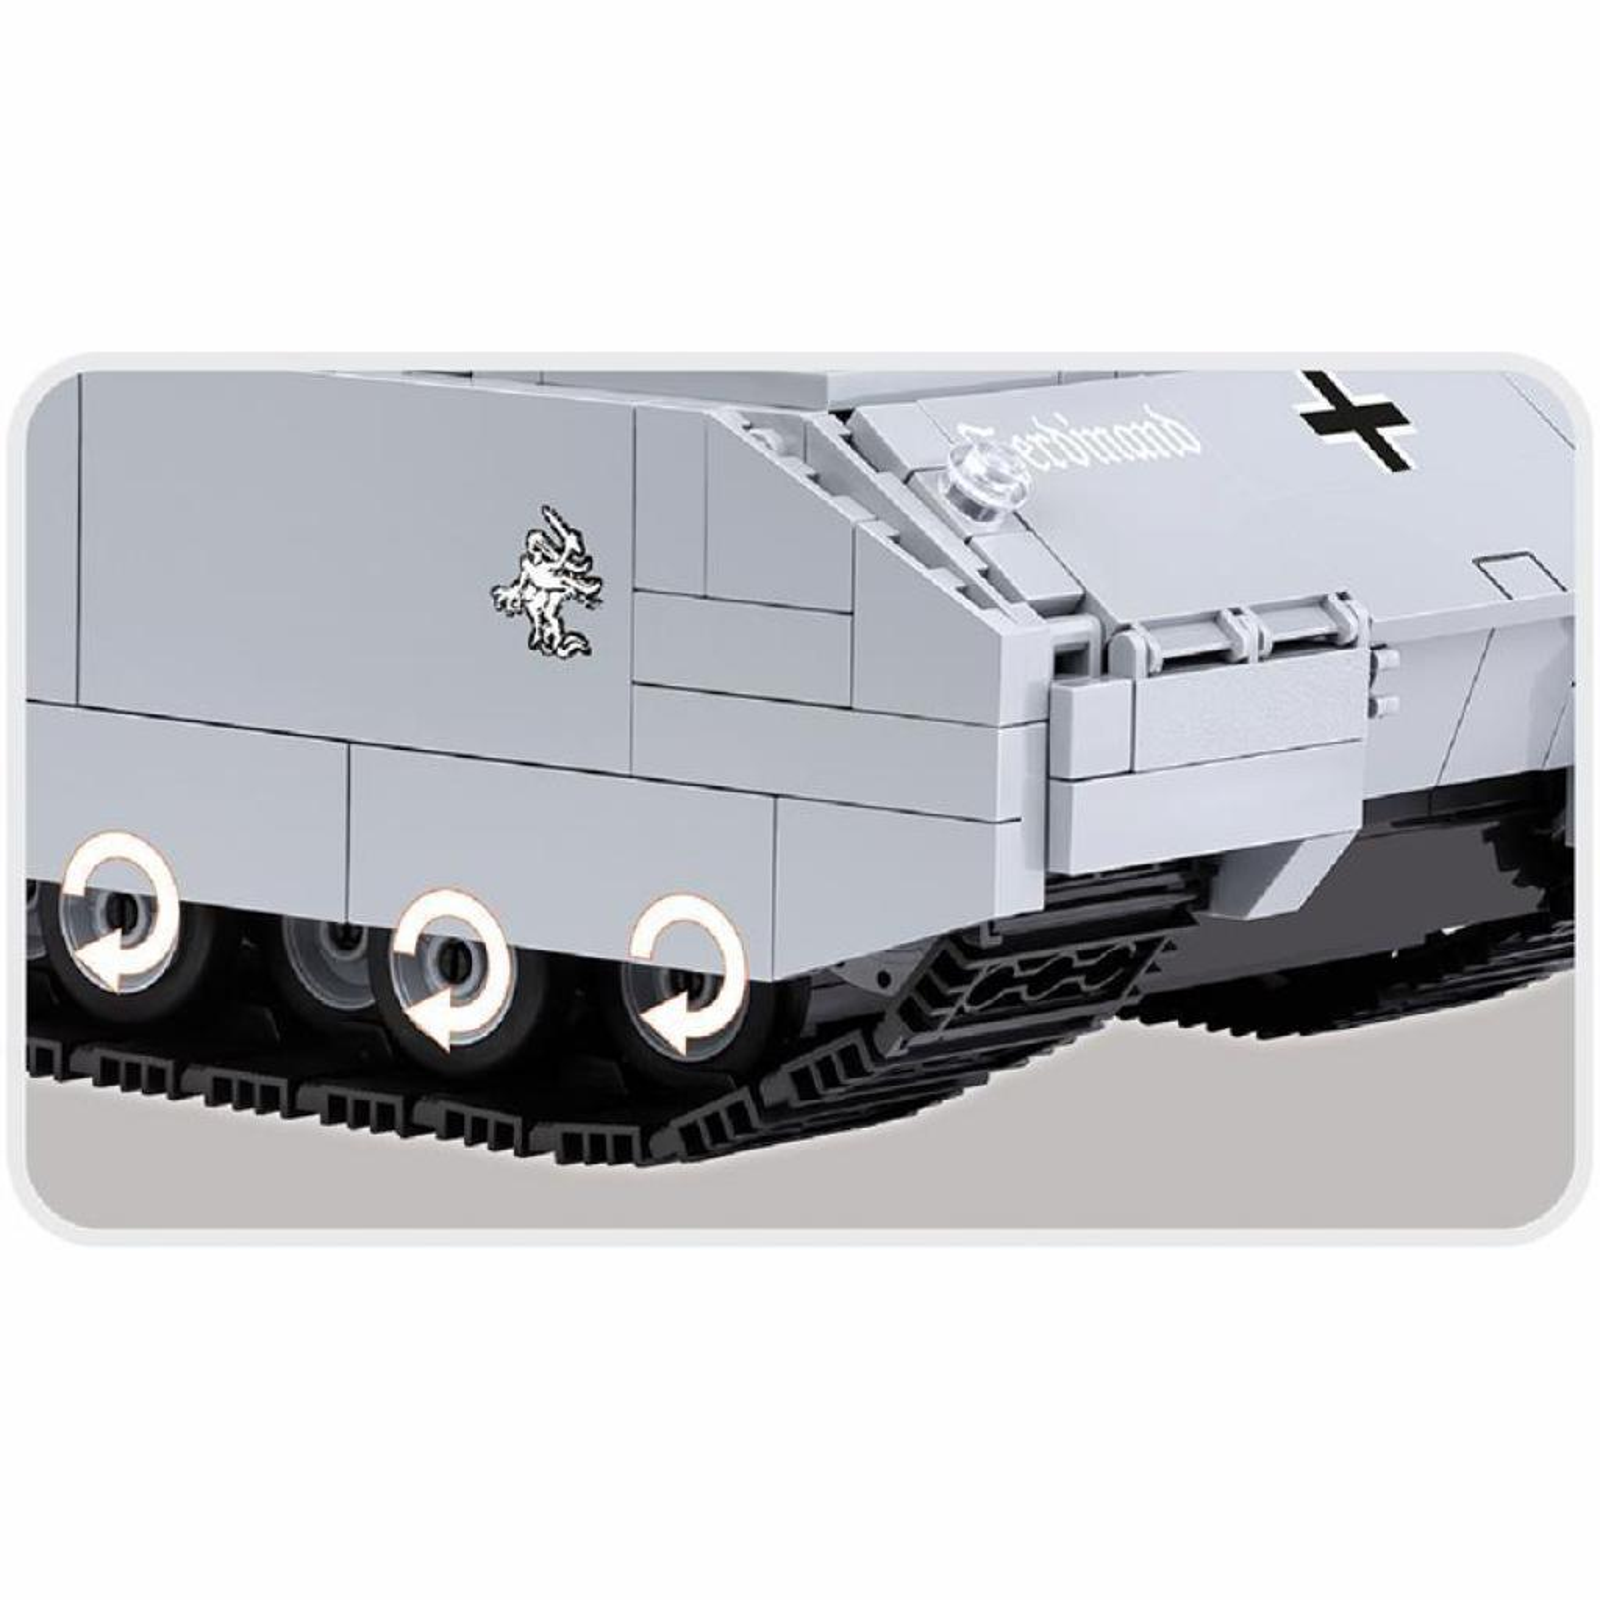 Конструктор Cobi World Of Tanks Maus, 900 деталей (COBI-3024) изображение 5